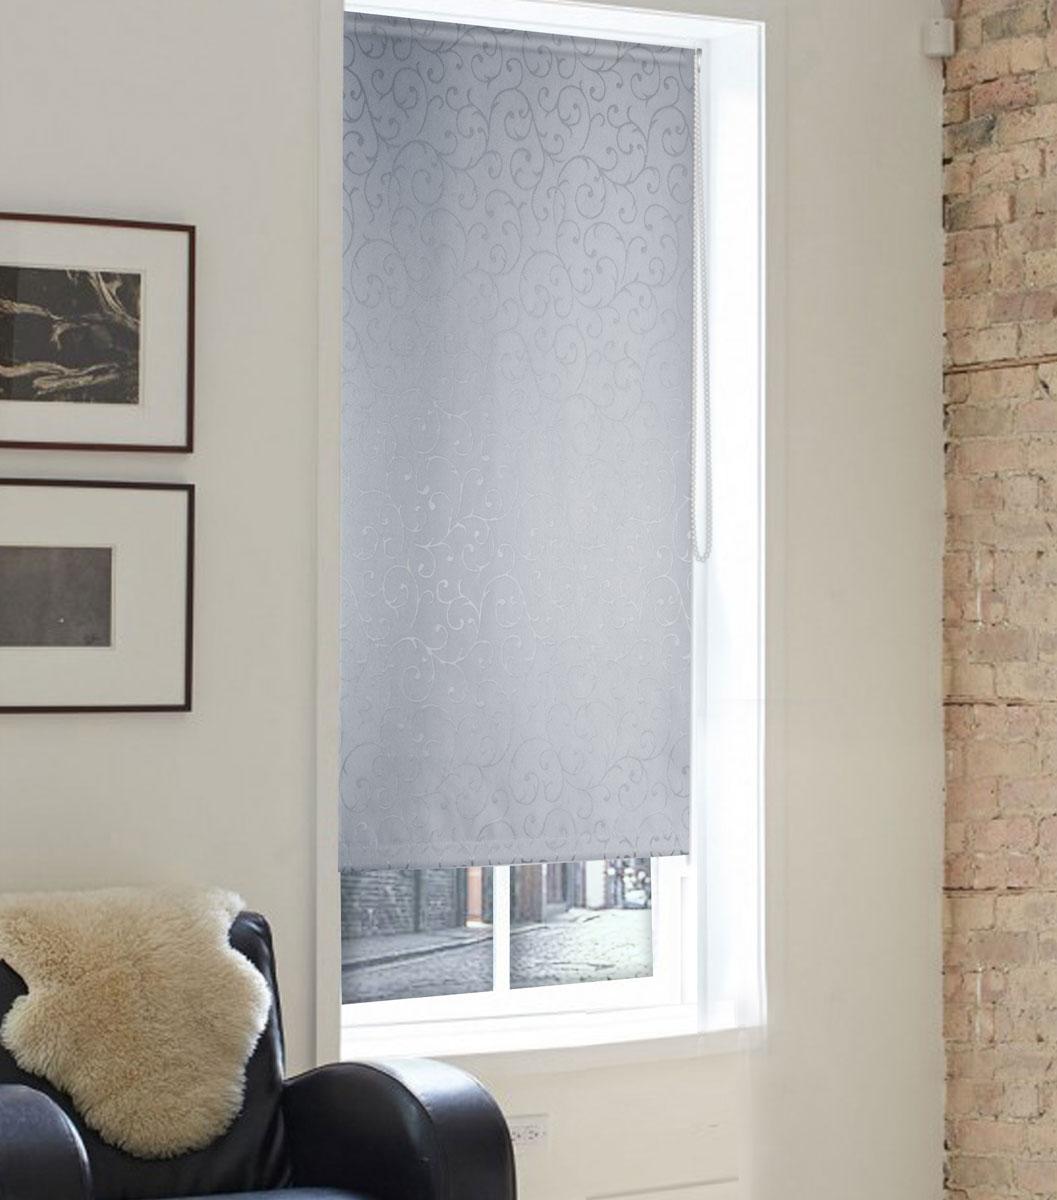 Штора рулонная Эскар Миниролло. Агат, фактурная, цвет: серый, ширина 57 см, высота 160 см37022057160Рулонная штора Эскар Миниролло. Агат выполнена из высокопрочной ткани, которая сохраняет свой размер даже при намокании. Ткань не выцветает и обладает отличной цветоустойчивостью. Миниролло - это подвид рулонных штор, который закрывает не весь оконный проем, а непосредственно само стекло. Такие шторы крепятся на раму без сверления при помощи зажимов или клейкой двухсторонней ленты. Окно остается на гарантии, благодаря монтажу без сверления. Такая штора станет прекрасным элементом декора окна и гармонично впишется в интерьер любого помещения.